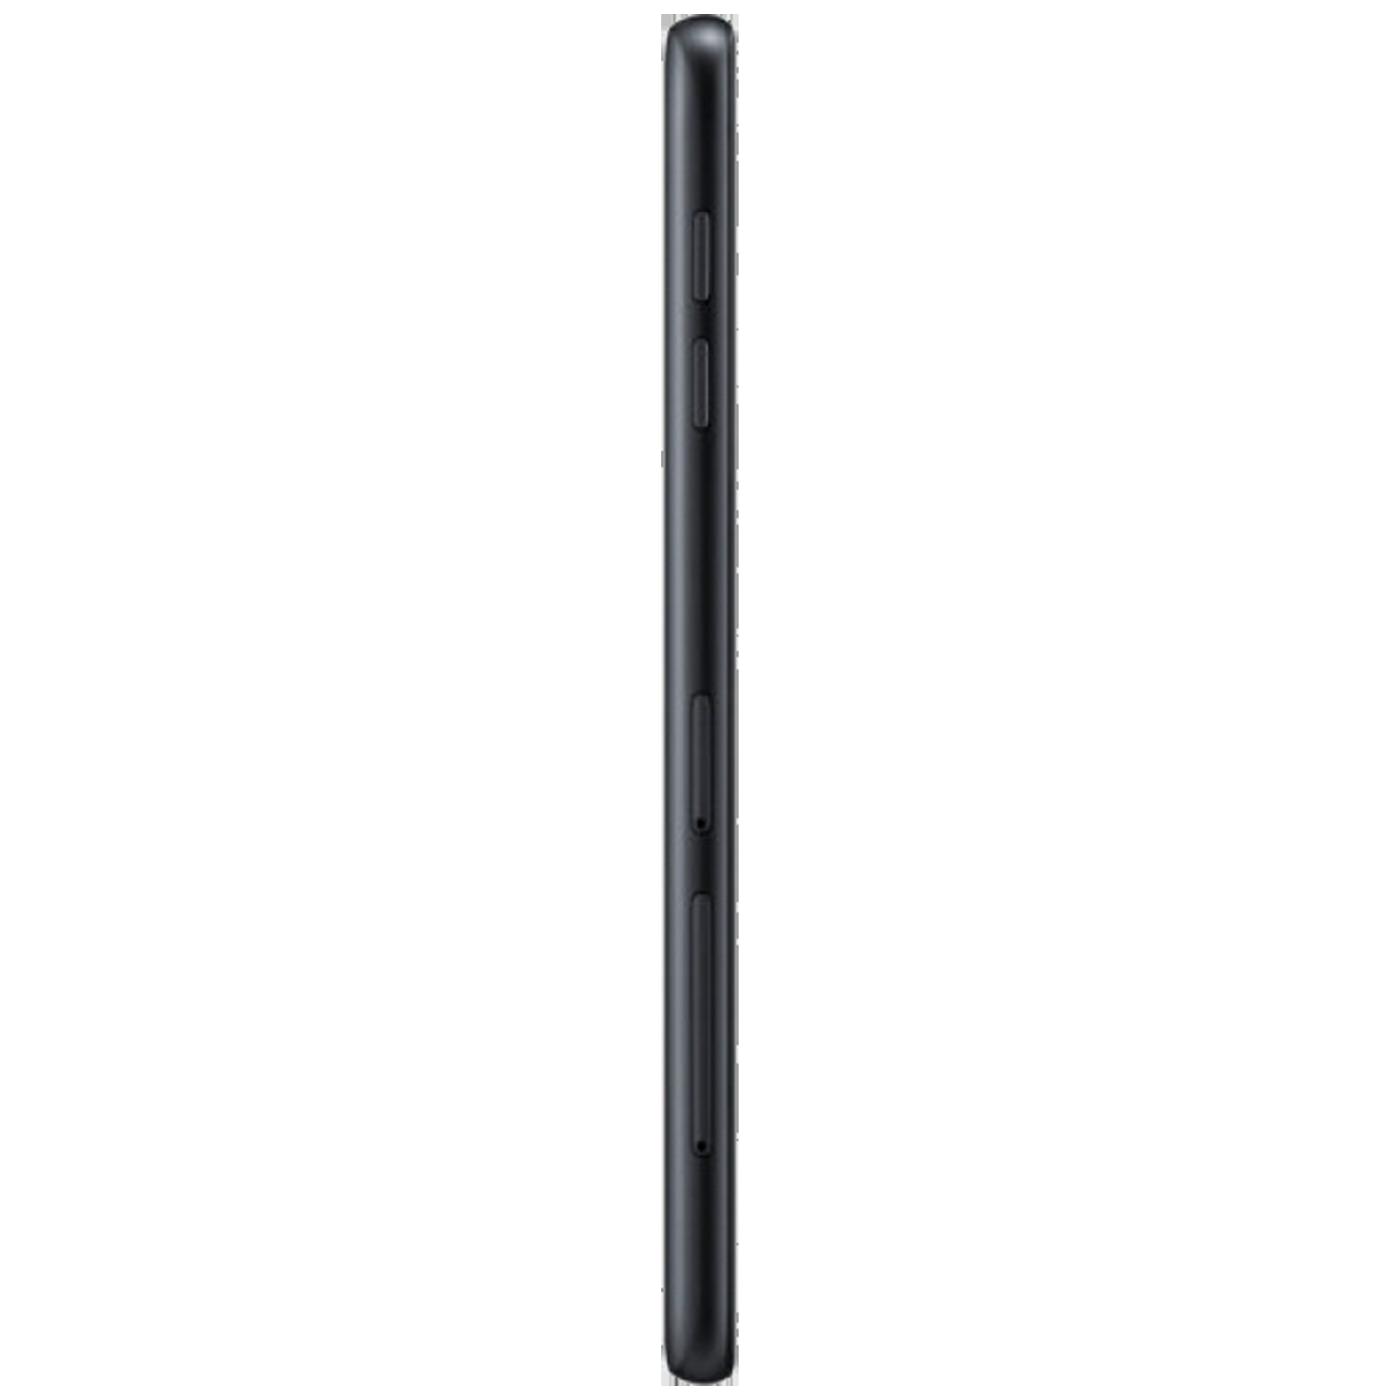 Galaxy J5 (2017) BLACK DS